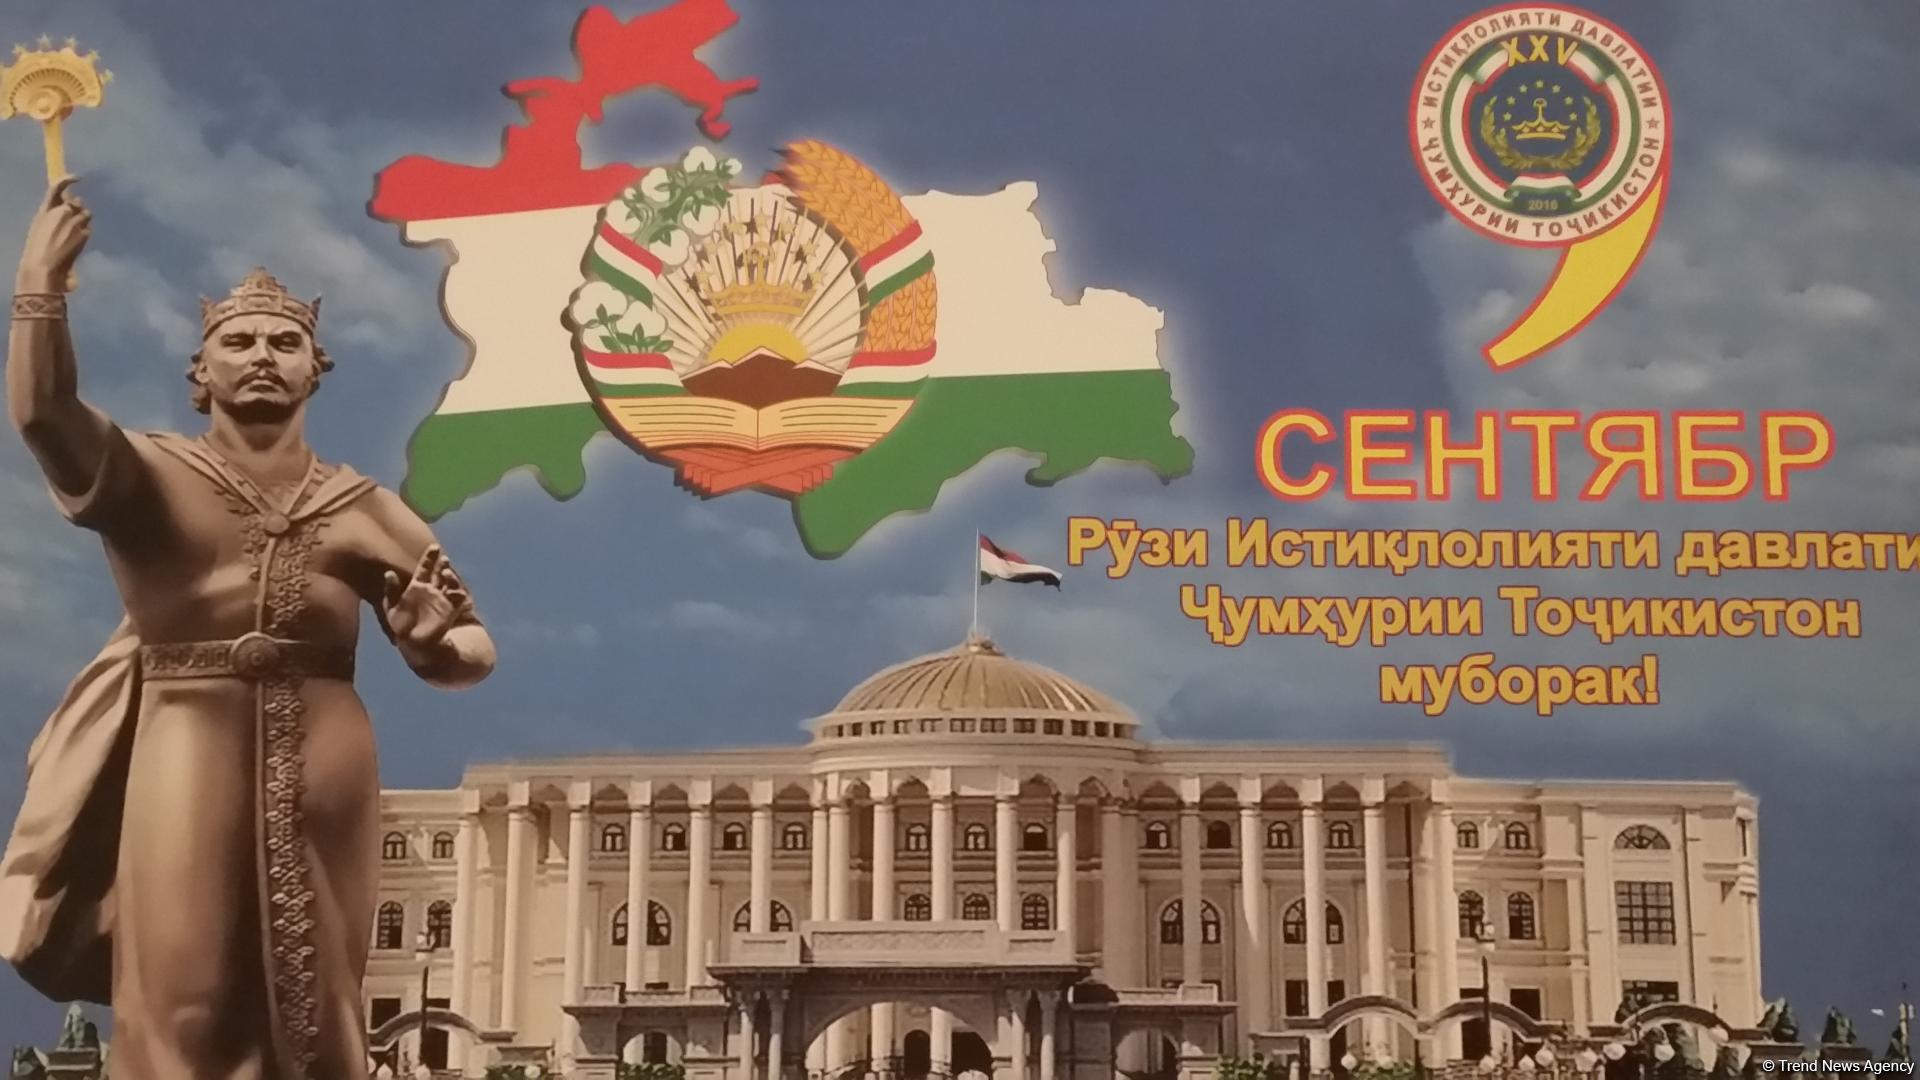 Днем рождения, день независимости таджикистана картинки